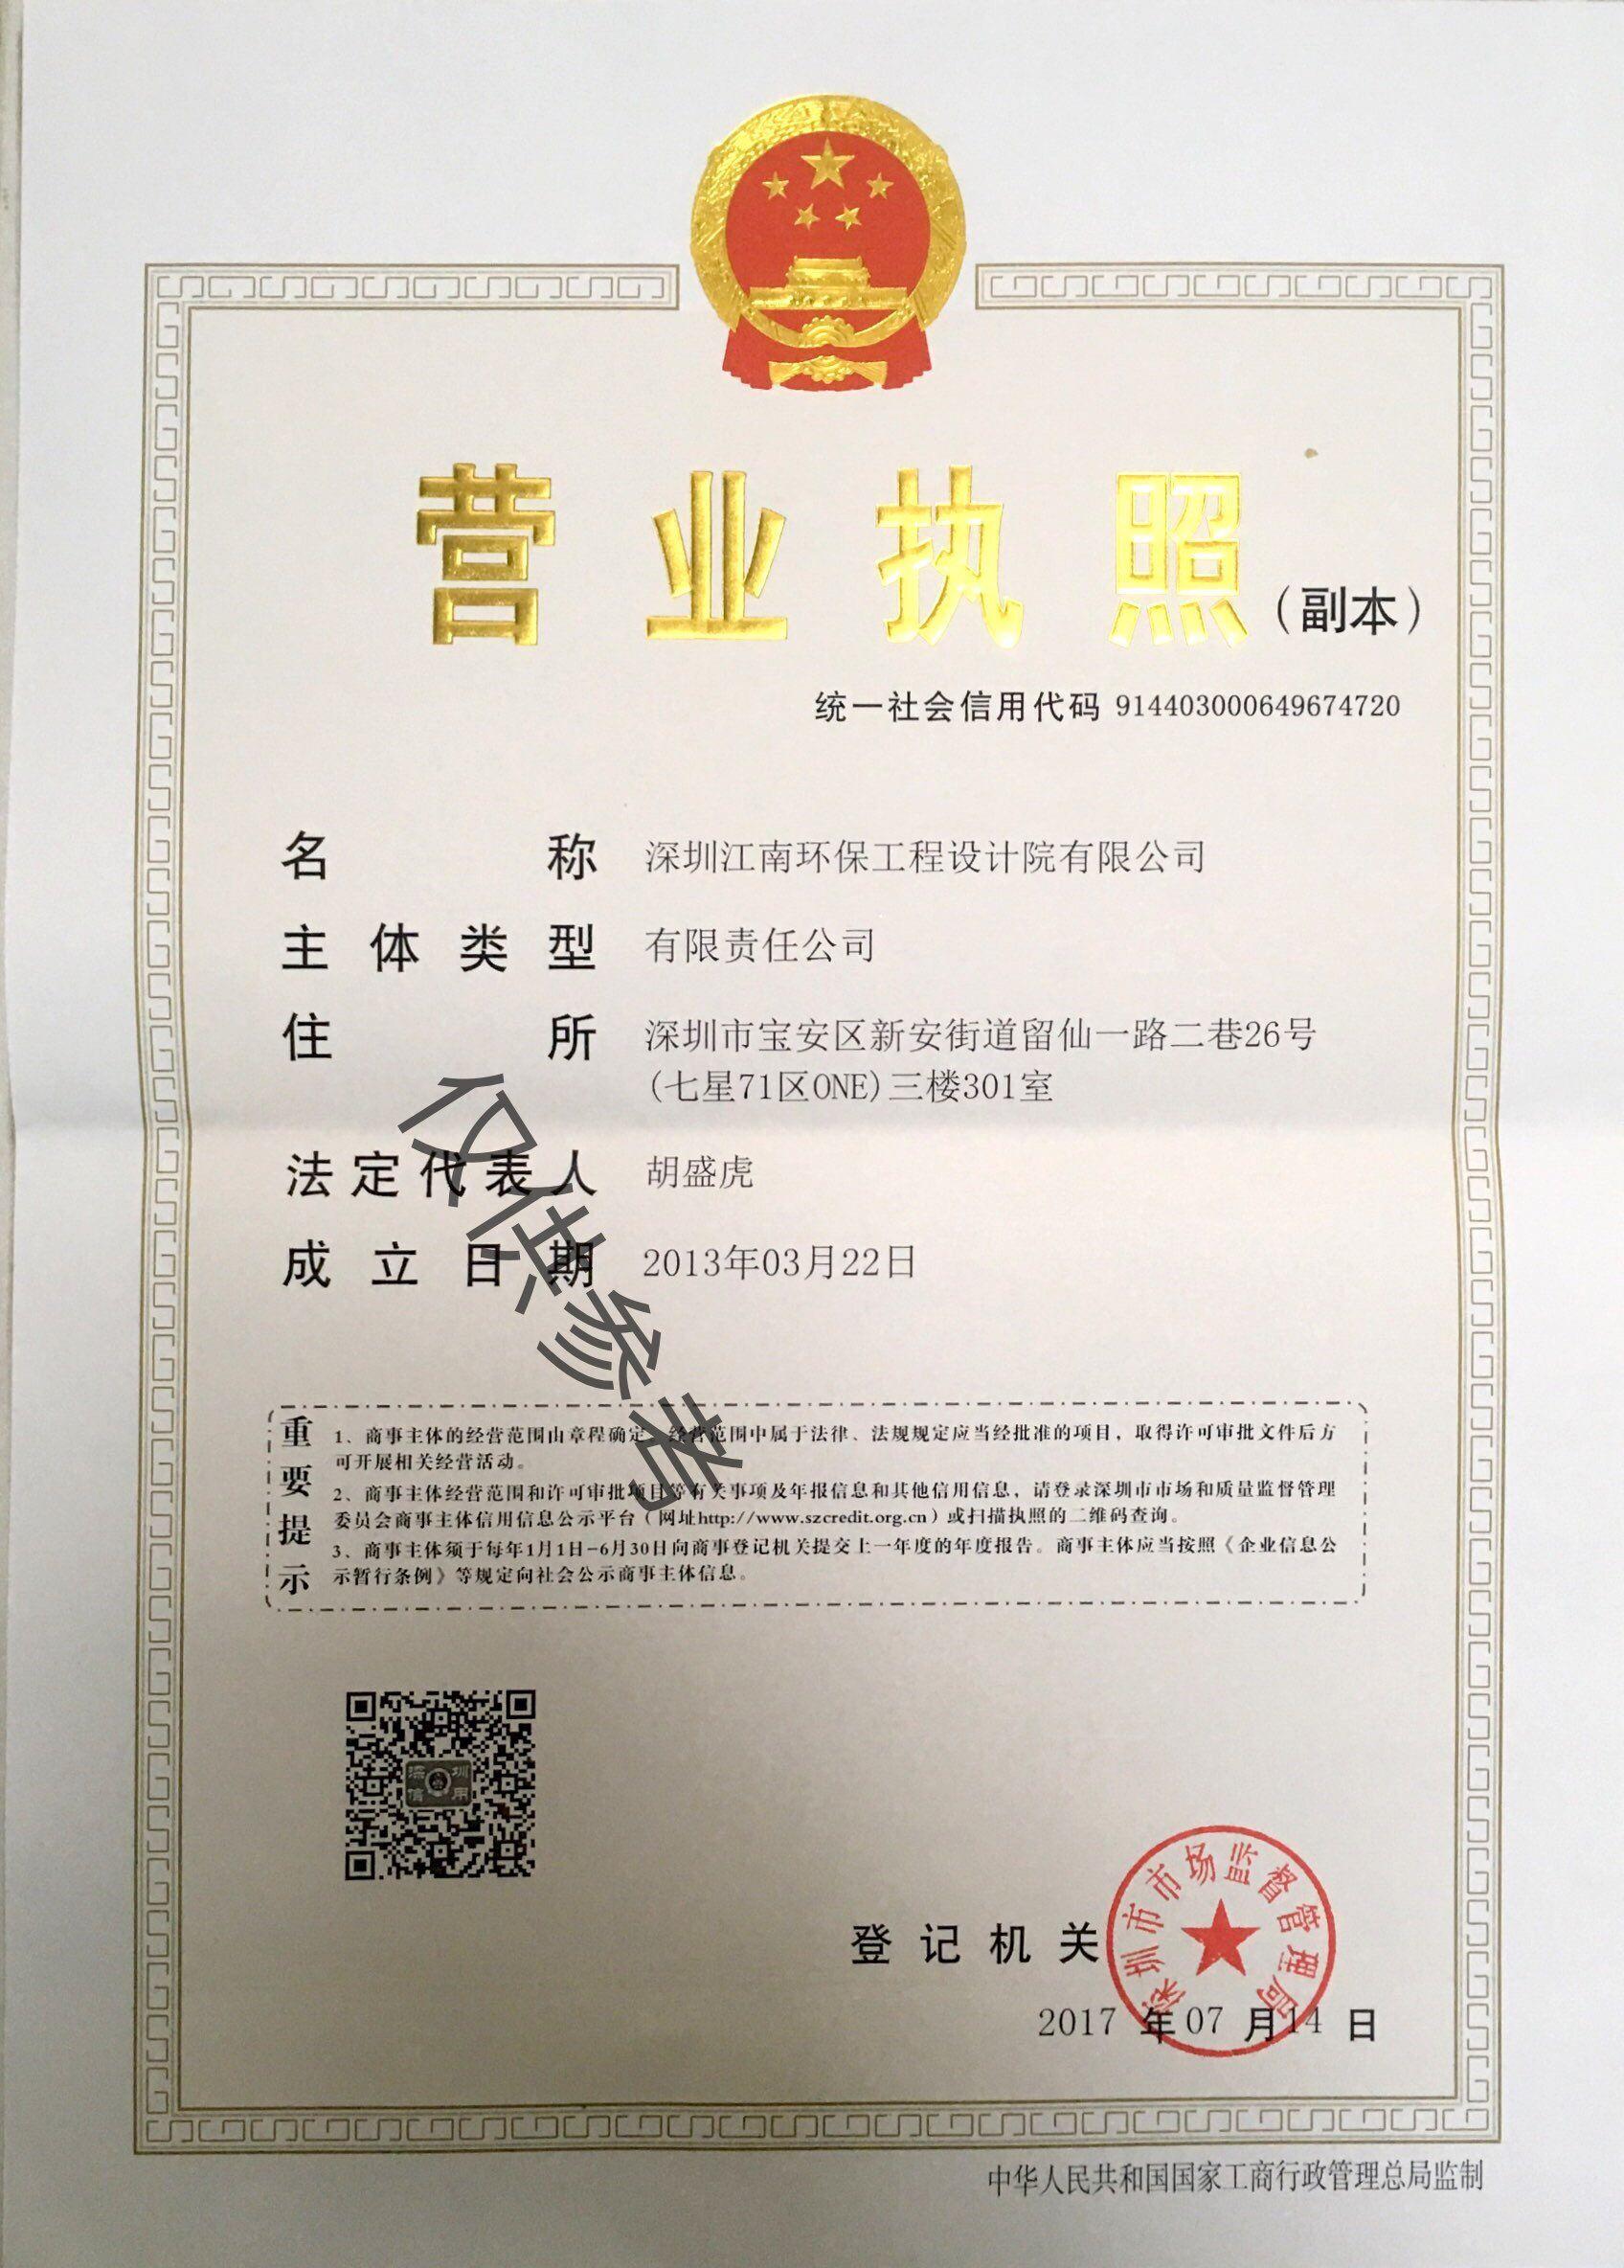 龙岗区_关于我们 / 公司荣誉_深圳江南环保工程设计院有限公司